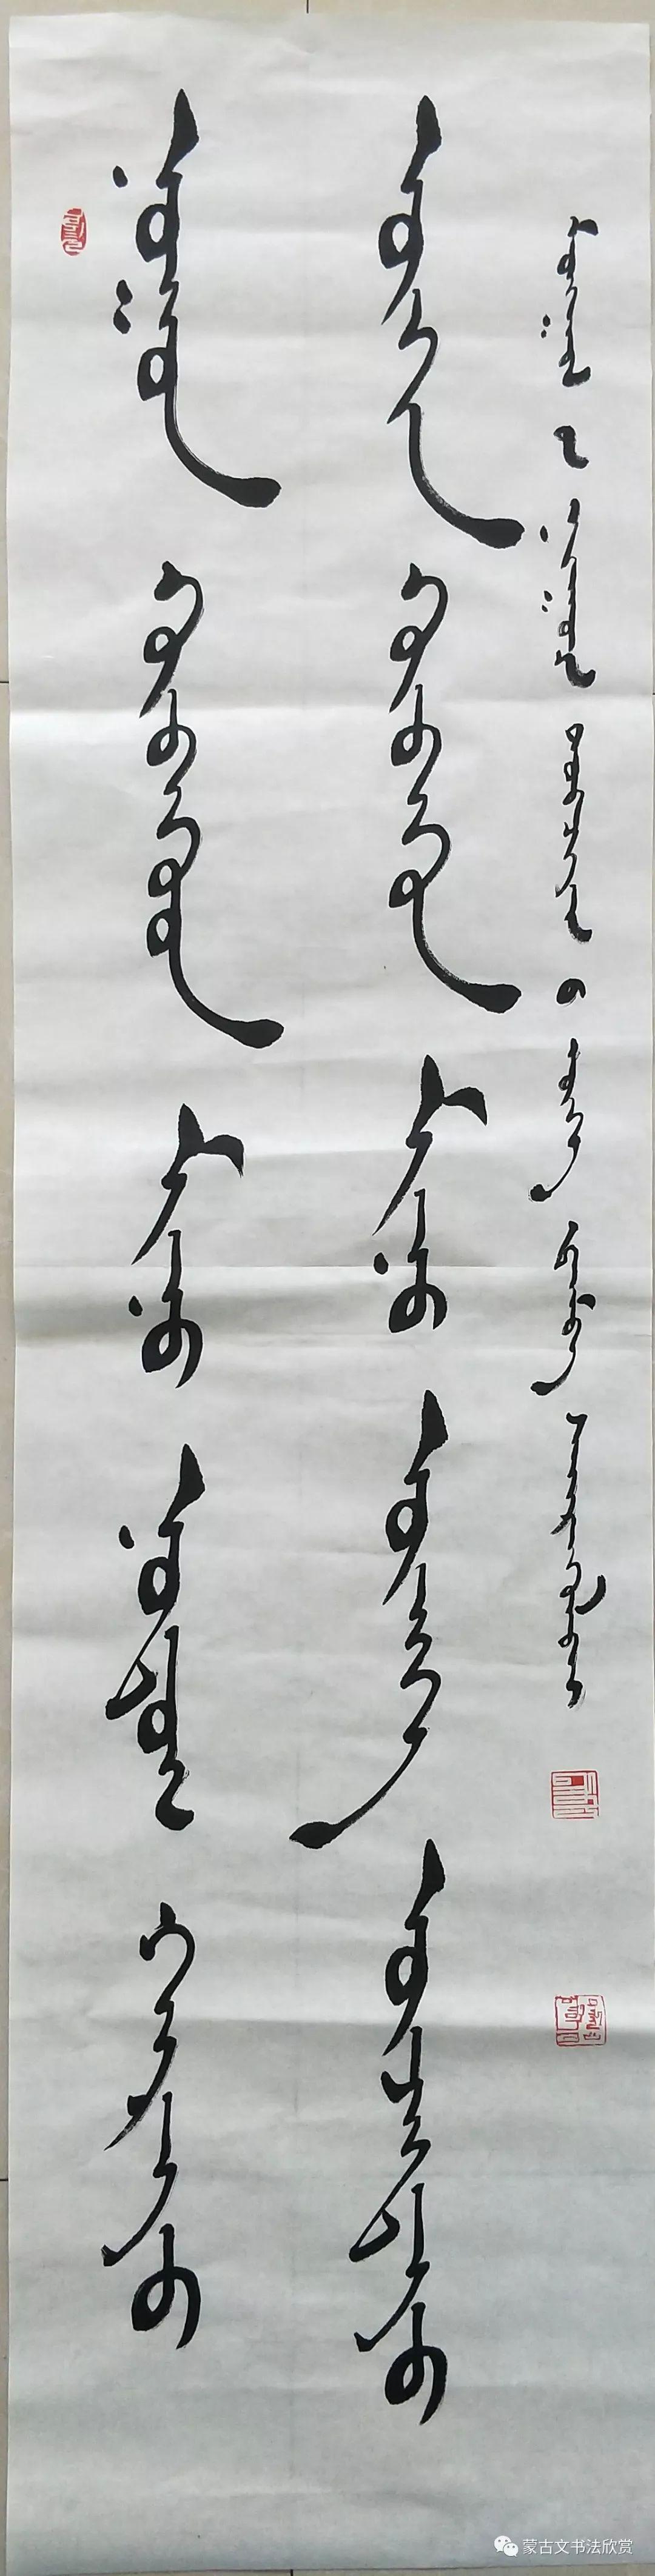 蒙古文书法欣赏——丹巴 第17张 蒙古文书法欣赏——丹巴 蒙古书法